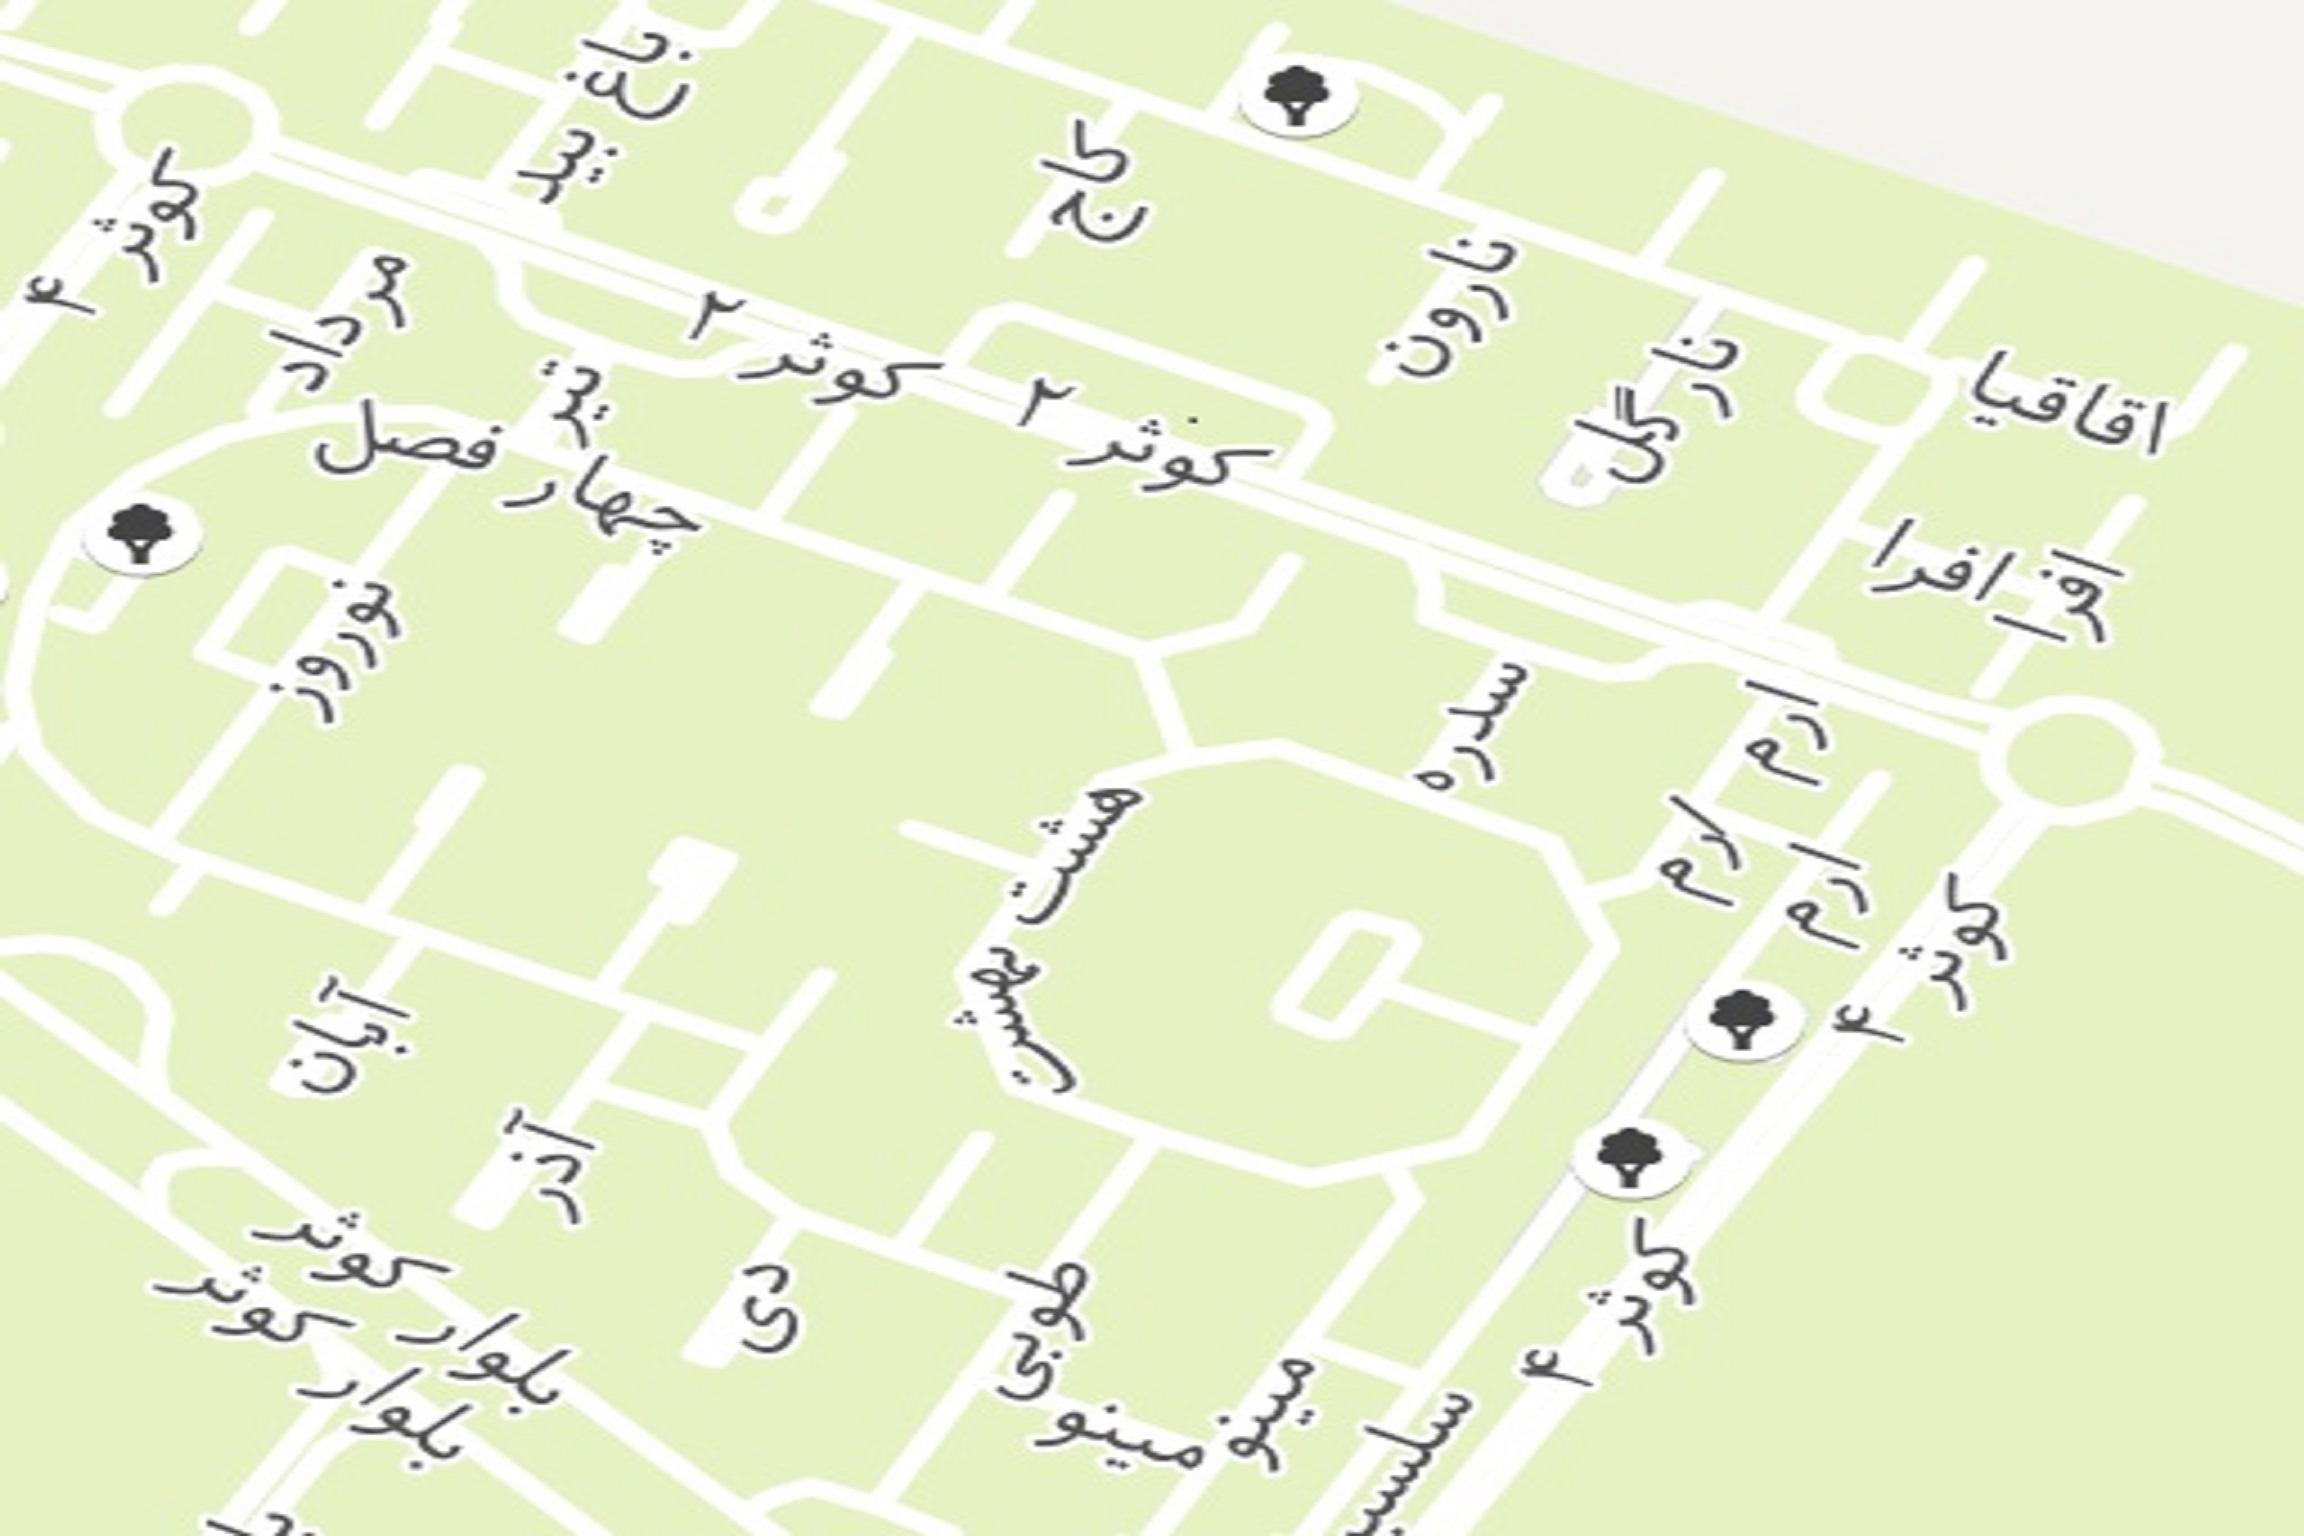 نامگذاری خیابان ها و میادین اصلی و فاز ۱ و ۲ باغات